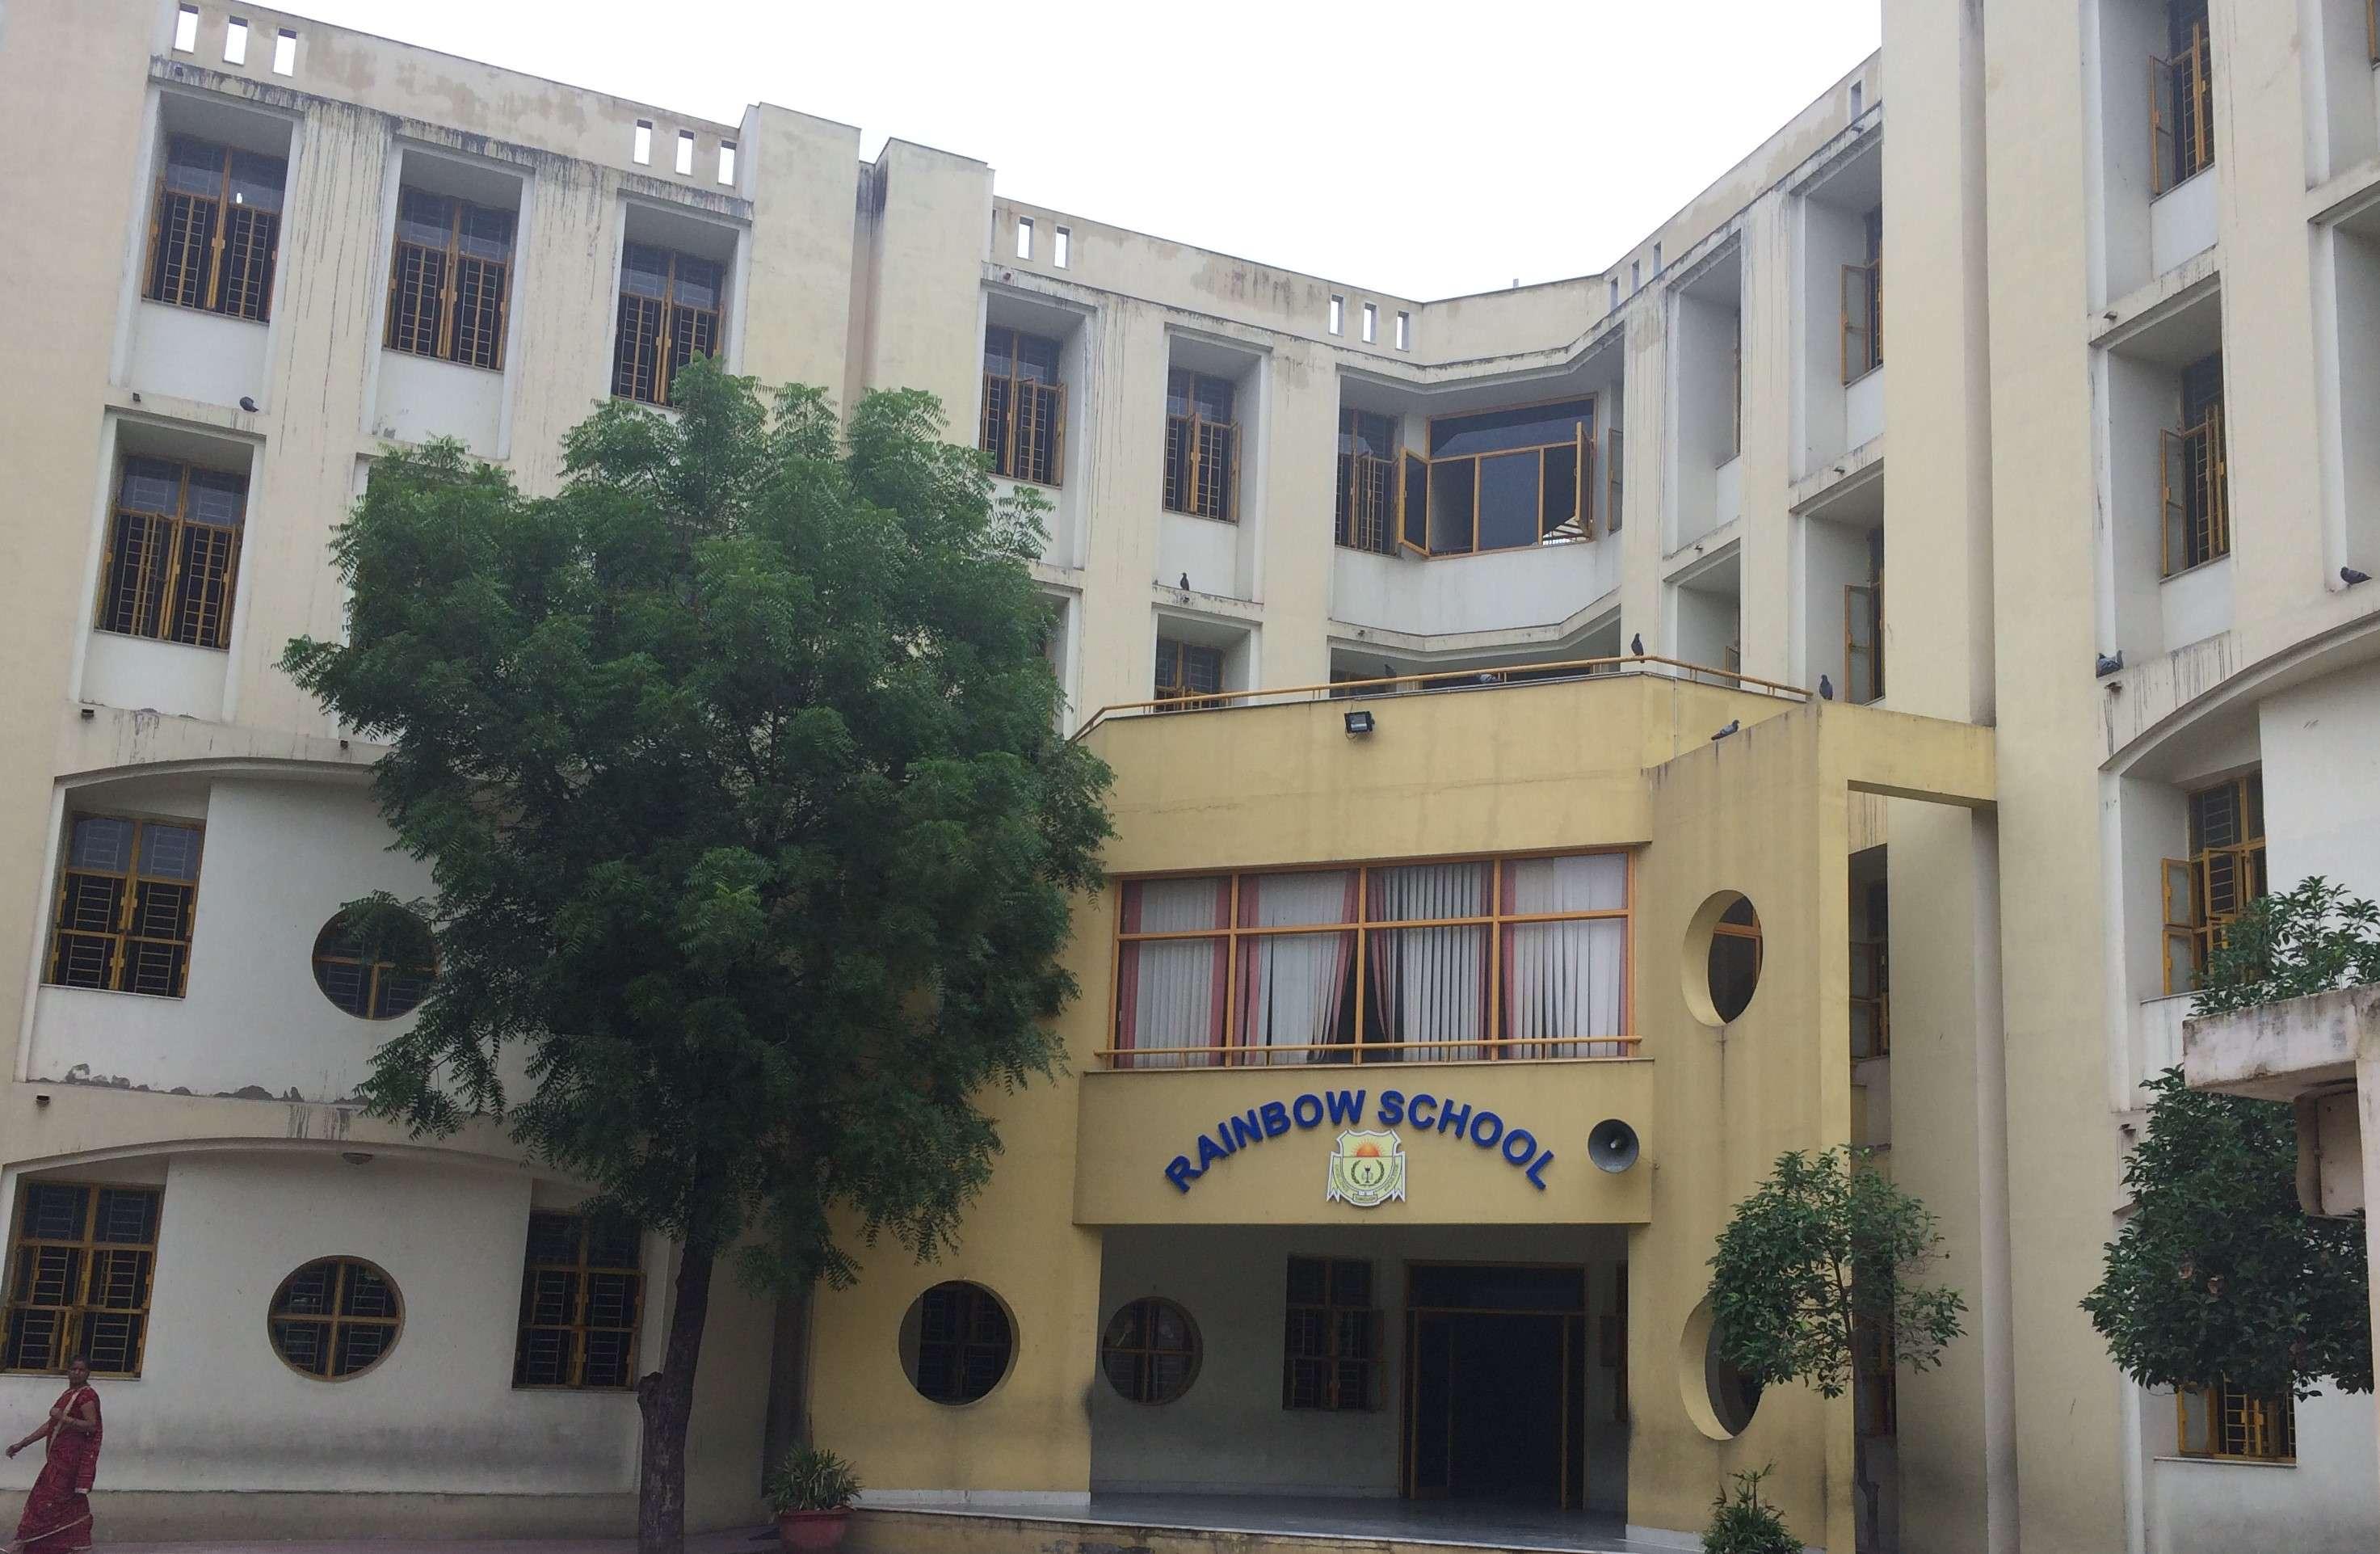 RAINBOW SCHOOL KHATIPURA ROAD JHOTWARA 1730496